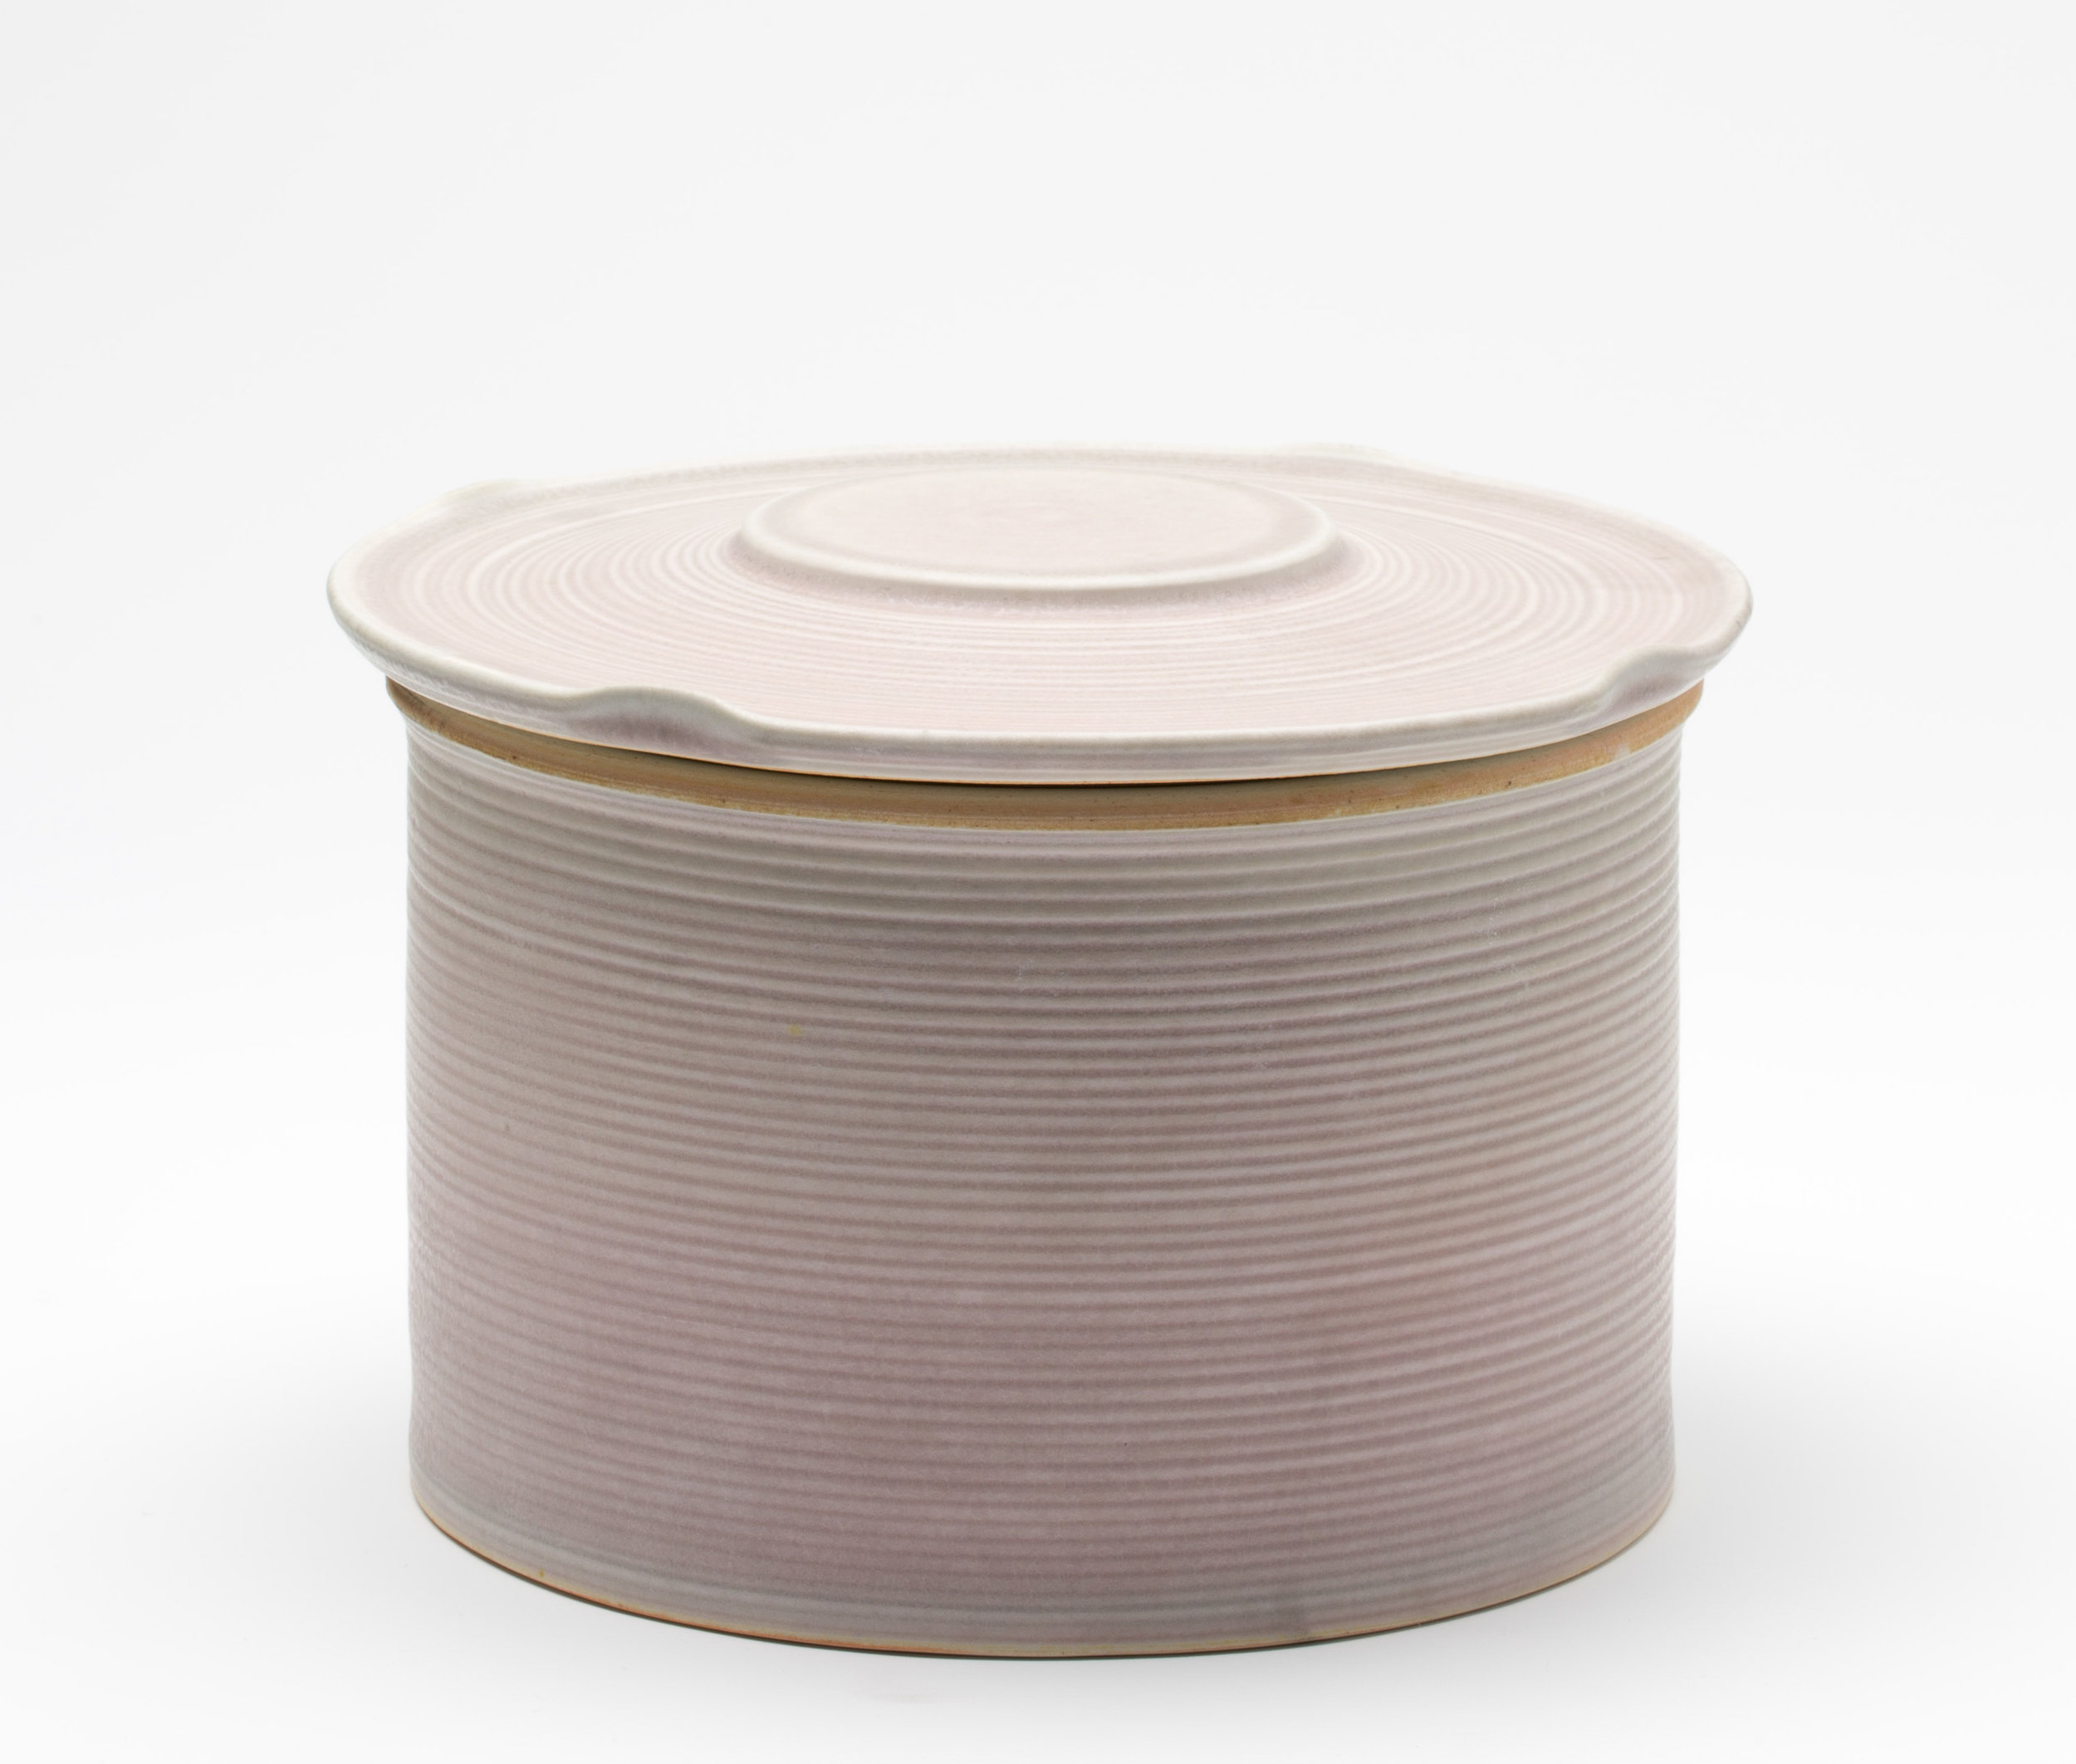 jar, cone 9 reduction porcelain